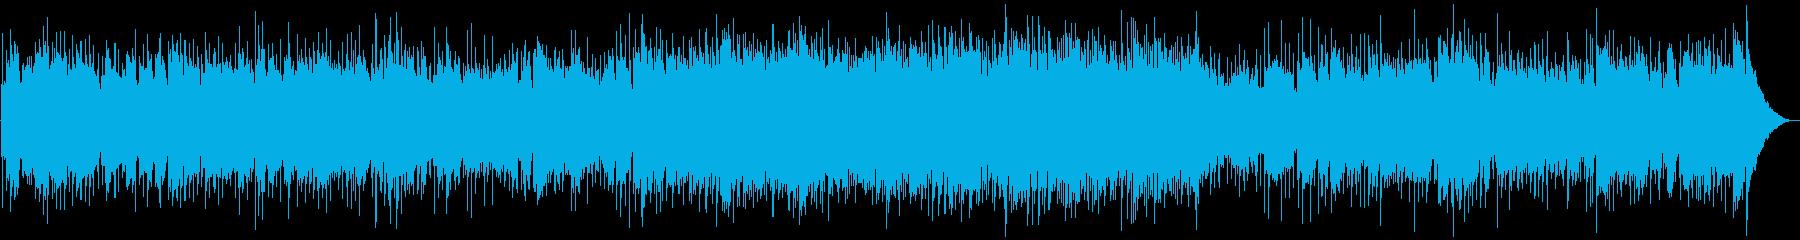 アコーディオンのフォークロック調バラードの再生済みの波形